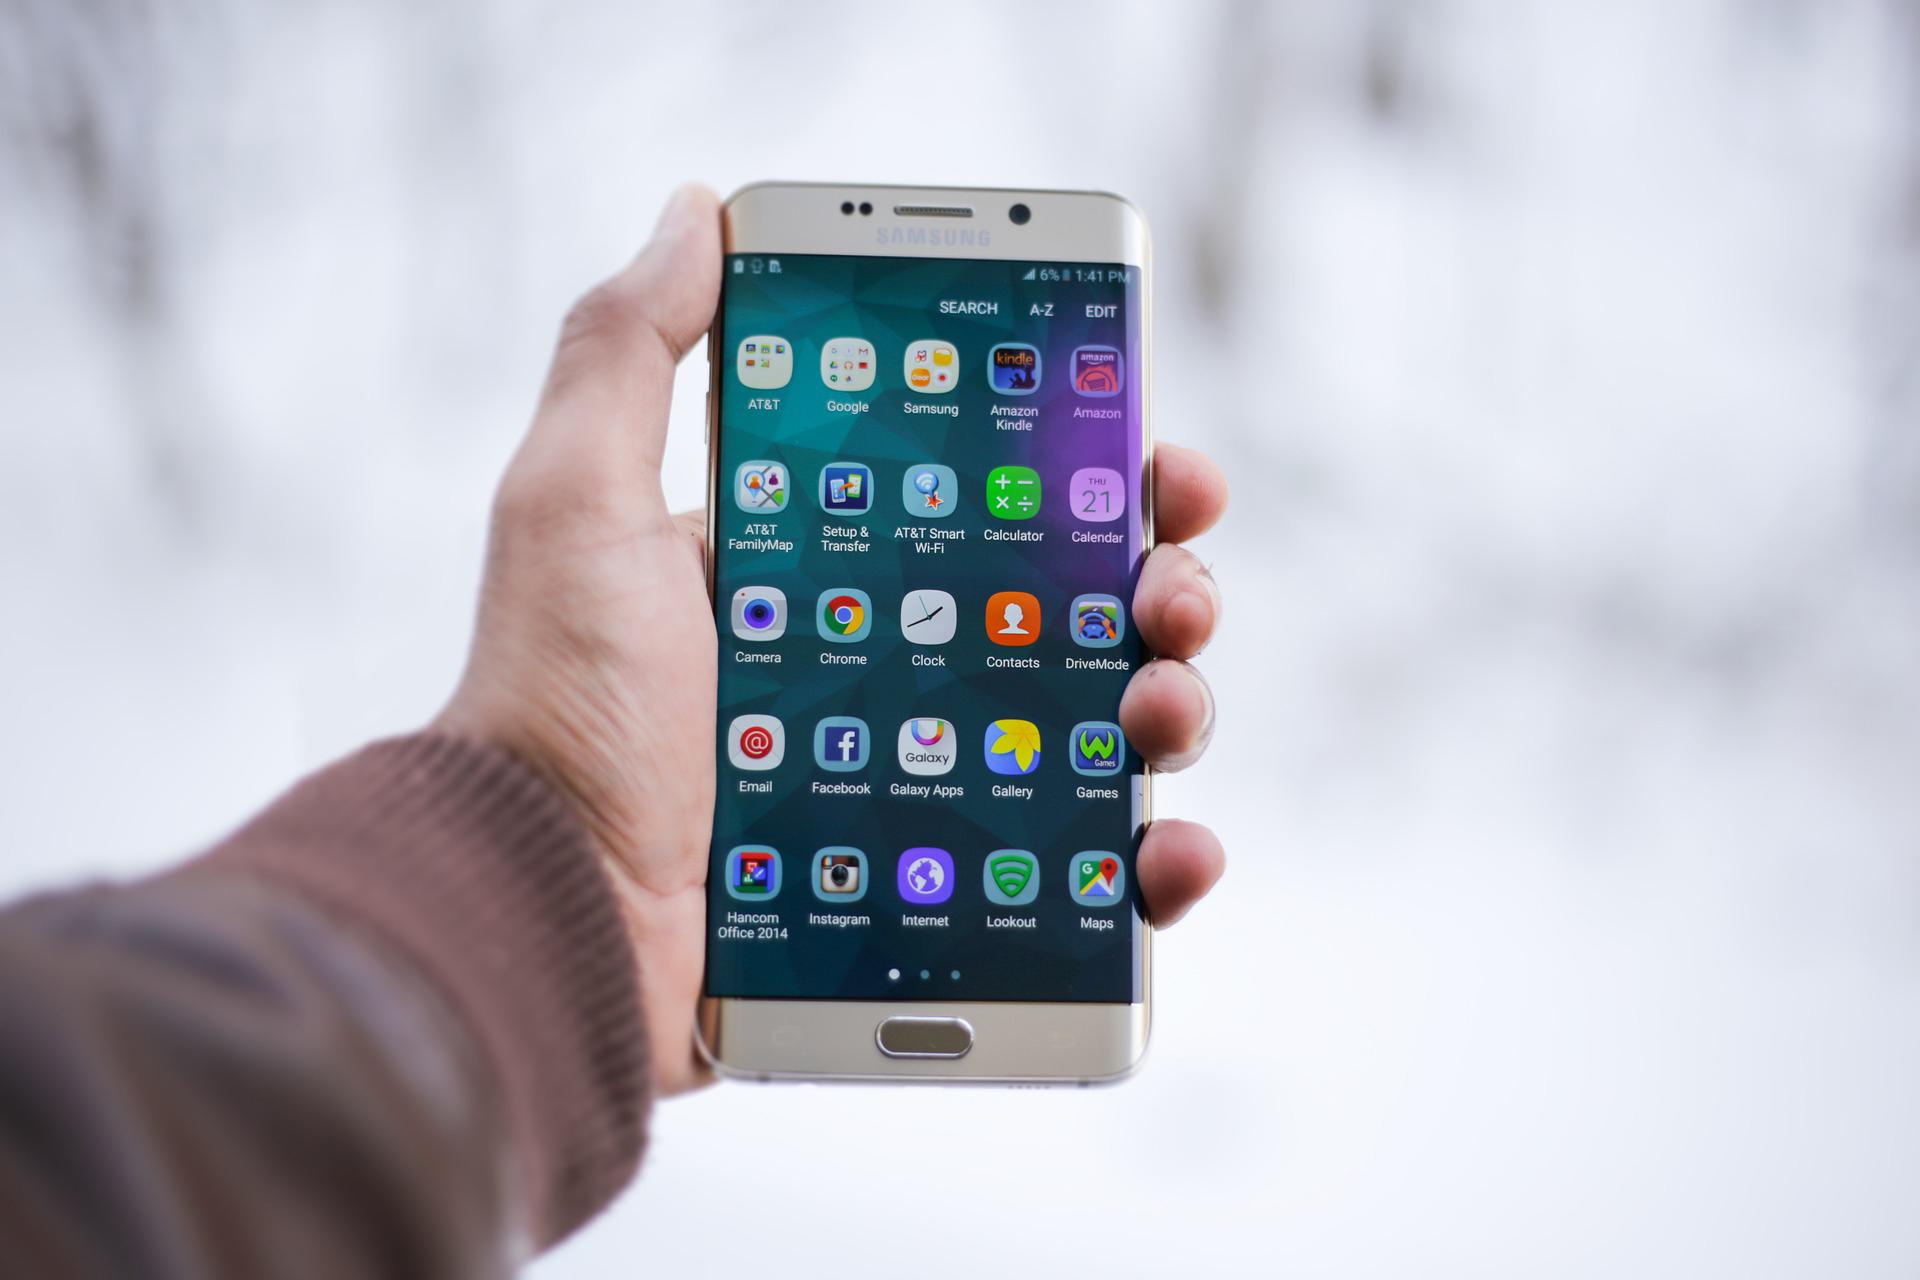 Lila und blaue Flecken im Handy Bildschirm – was tun?